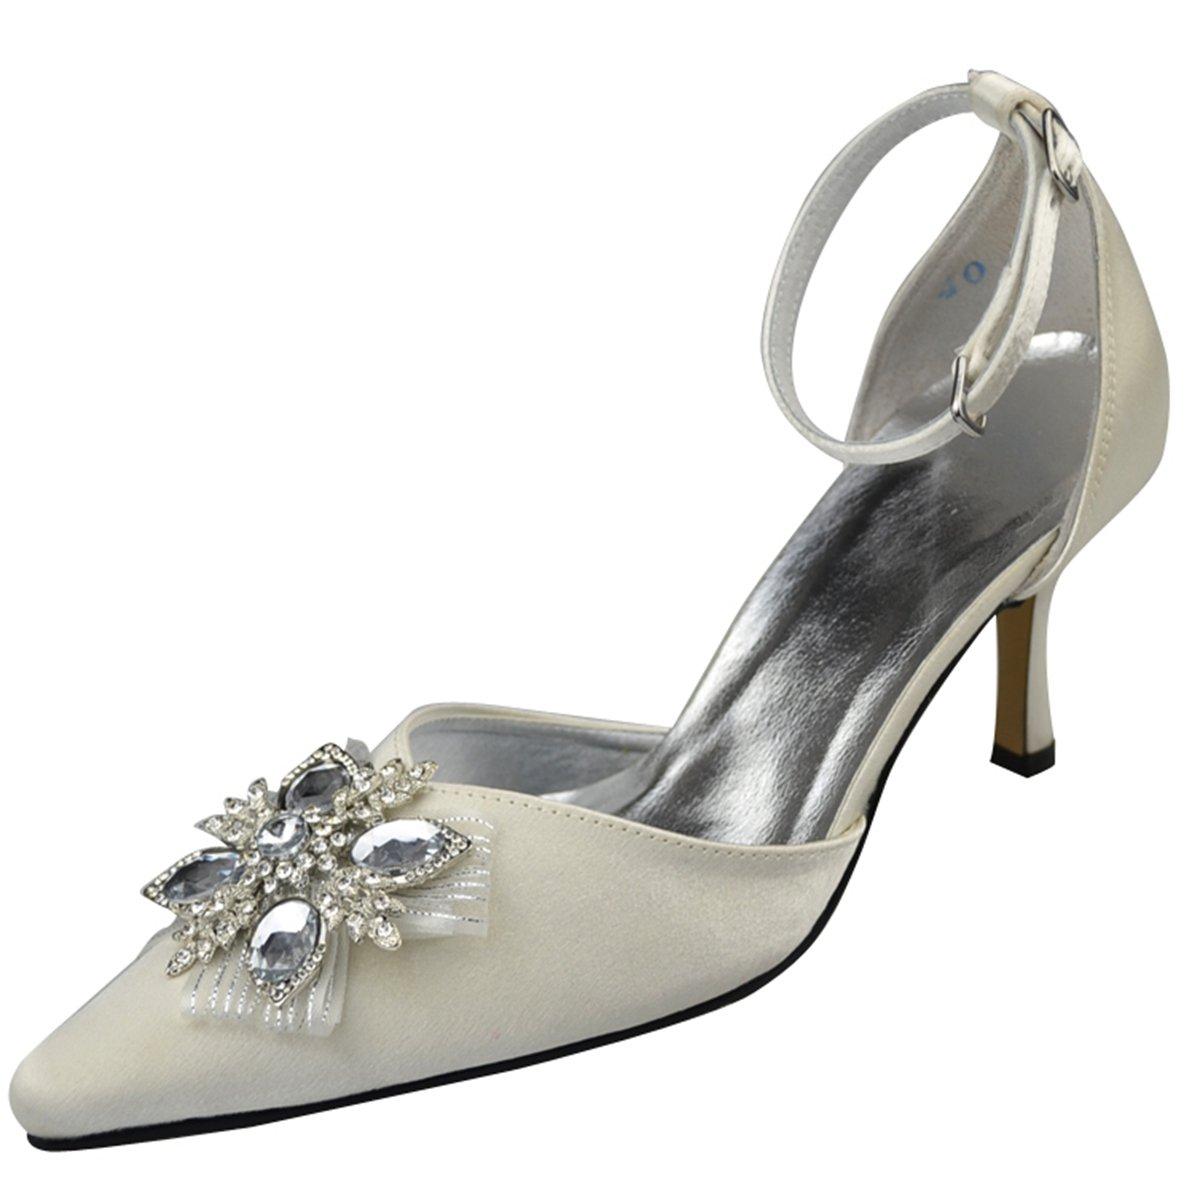 Minitoo , Bride ivoire de Bride cheville femme Beige - Beige ivoire d0bc531 - shopssong.space